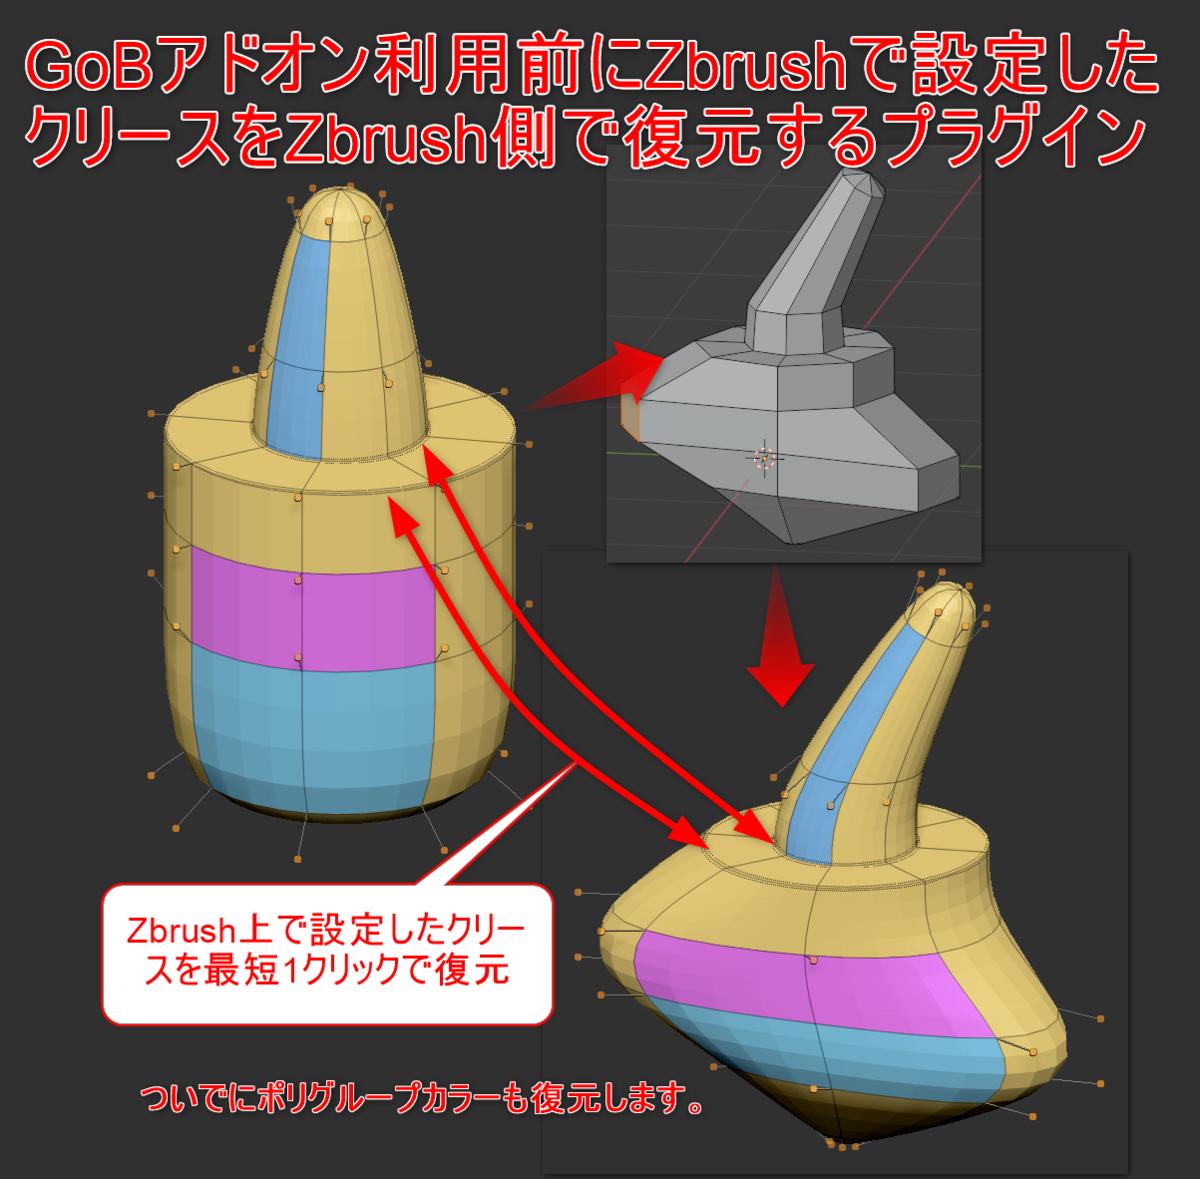 f:id:yamato-tsukasa:20201214225525p:plain